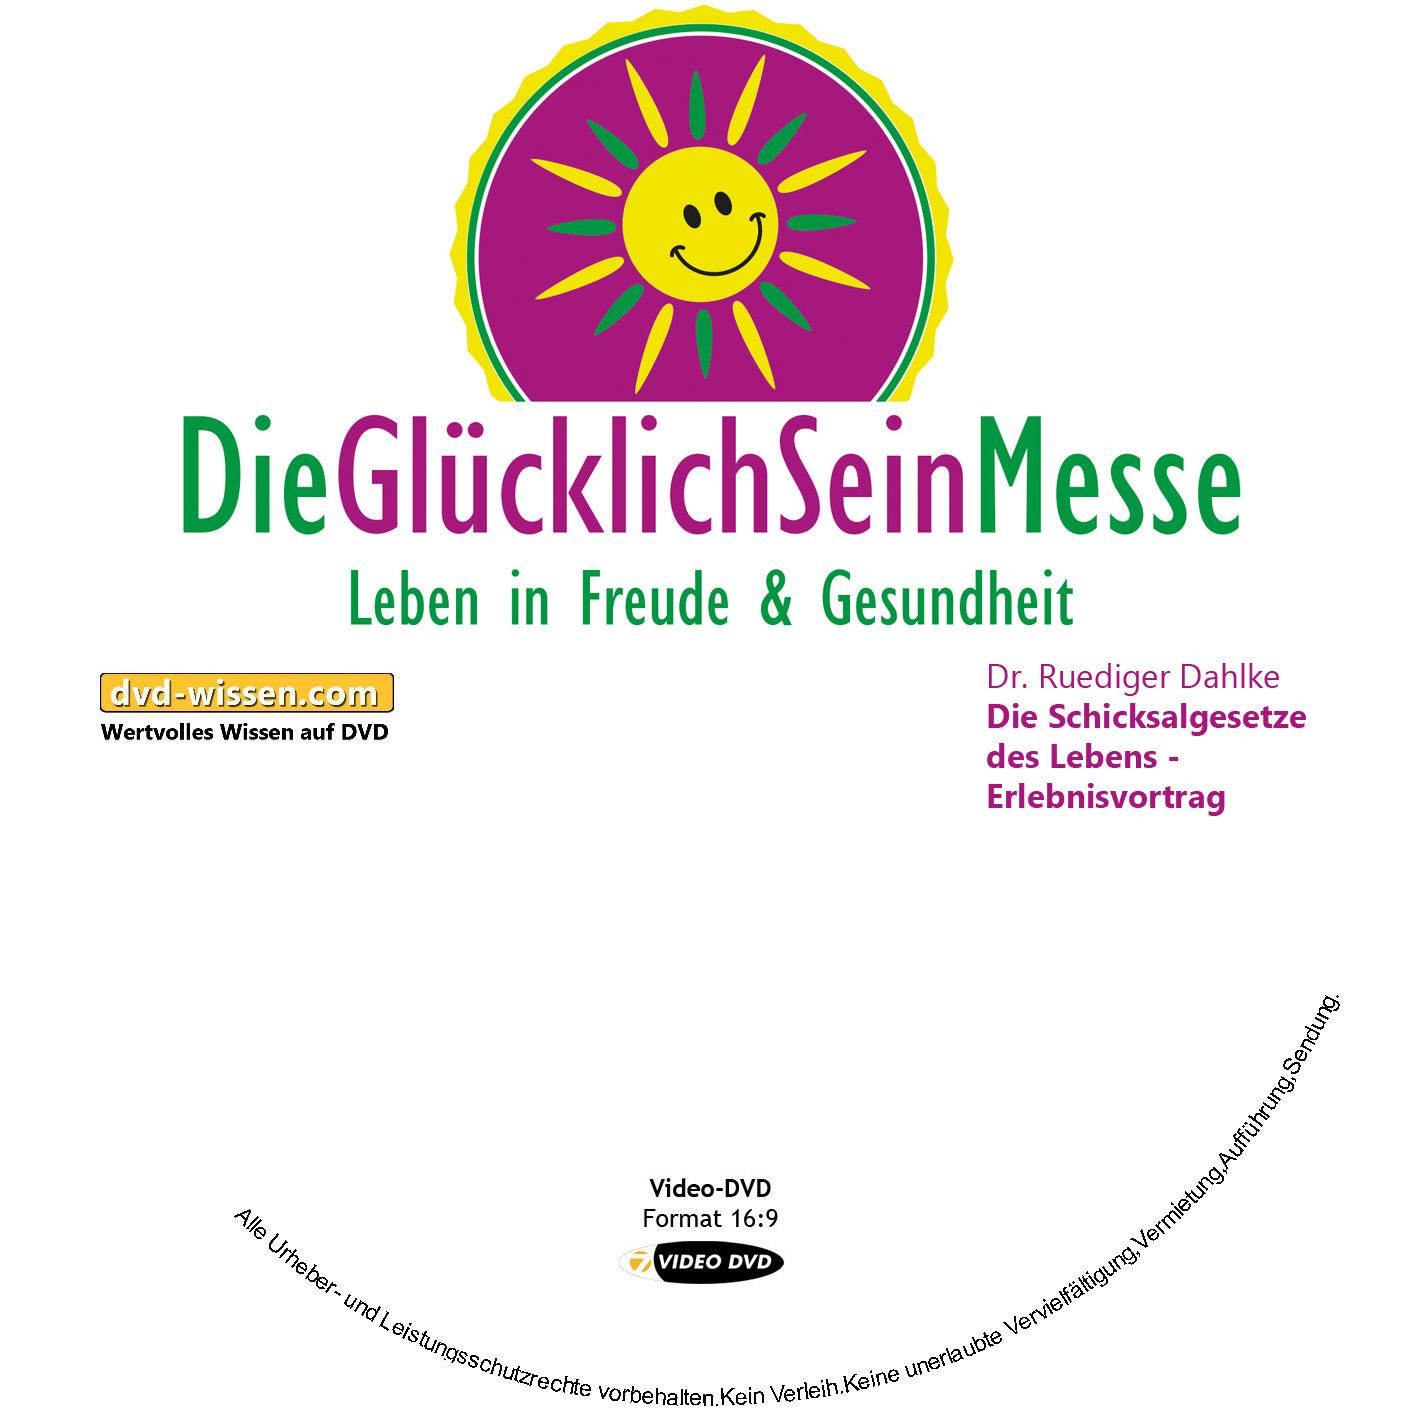 Dr. Ruediger Dahlke: Die Schicksalgesetze des Lebens - Erlebnisvortrag